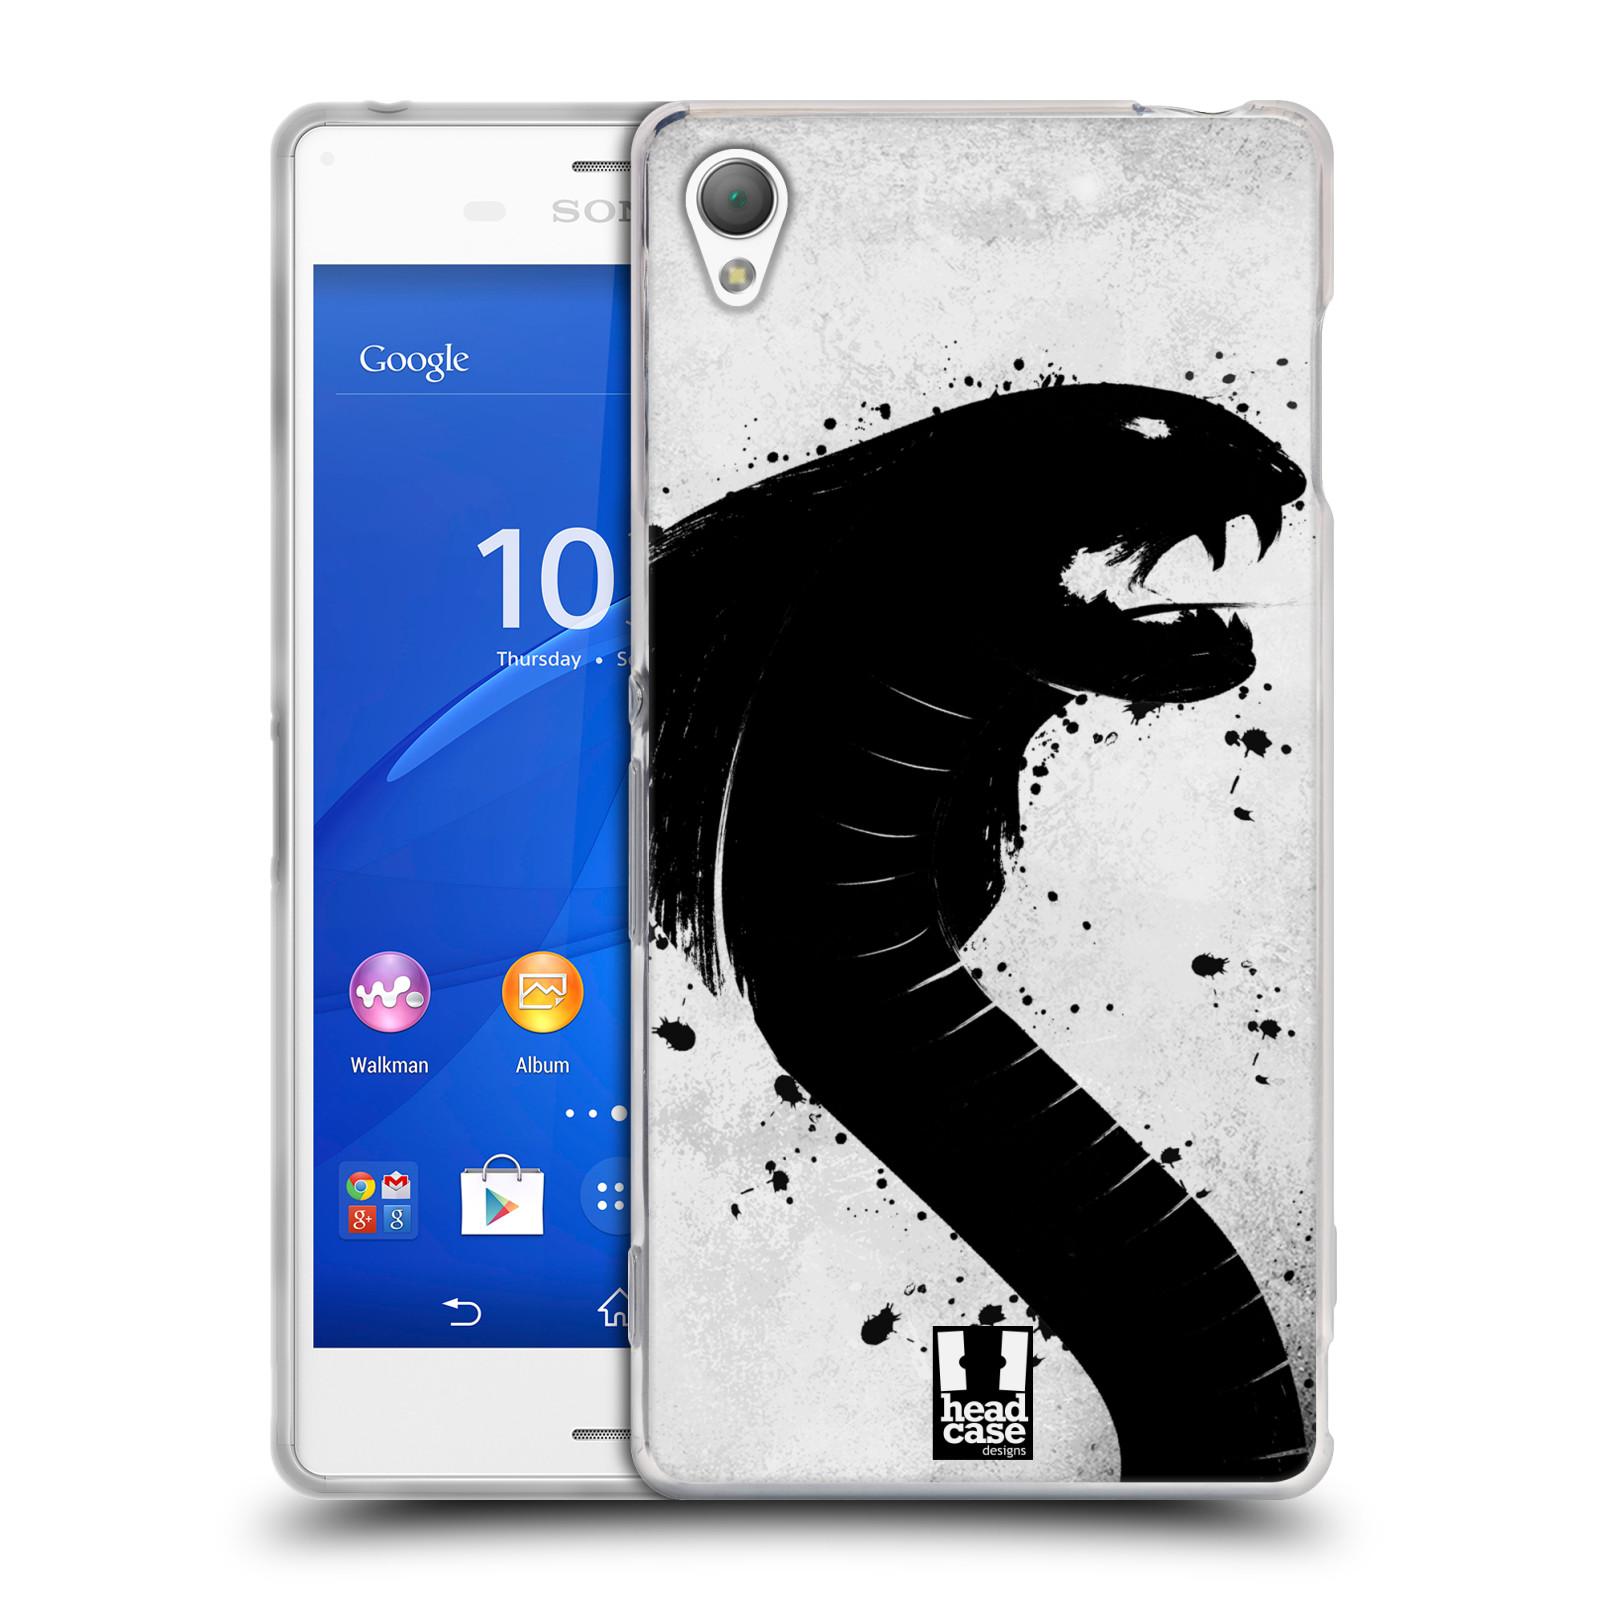 HEAD CASE silikonový obal na mobil Sony Xperia Z3 vzor Kresba tuš zvíře had kobra